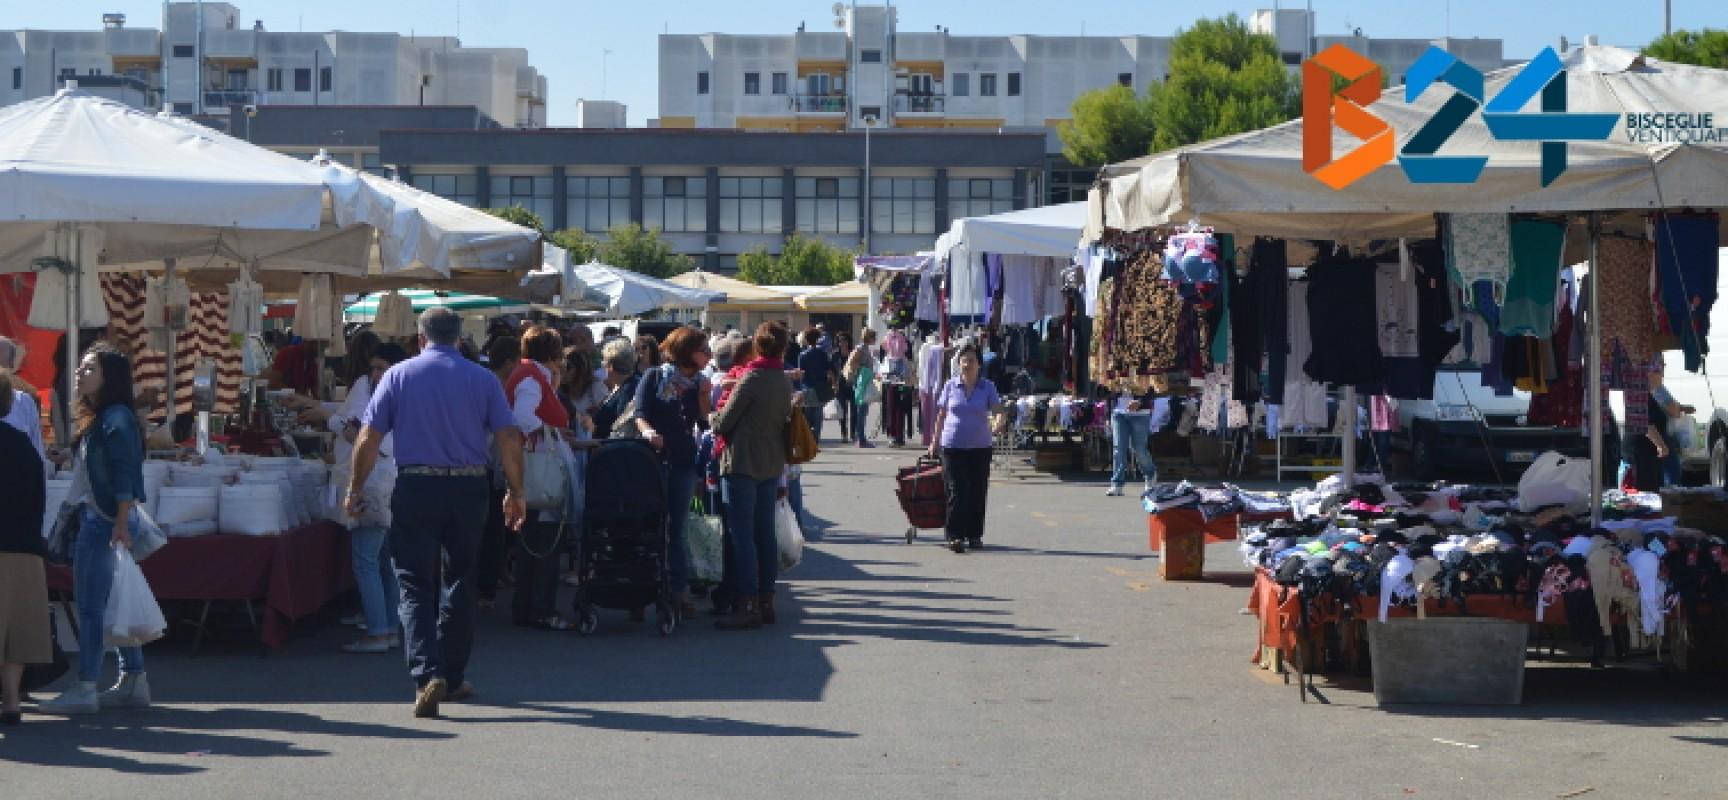 Mercato straordinario in Viale Calace domenica 28 dicembre